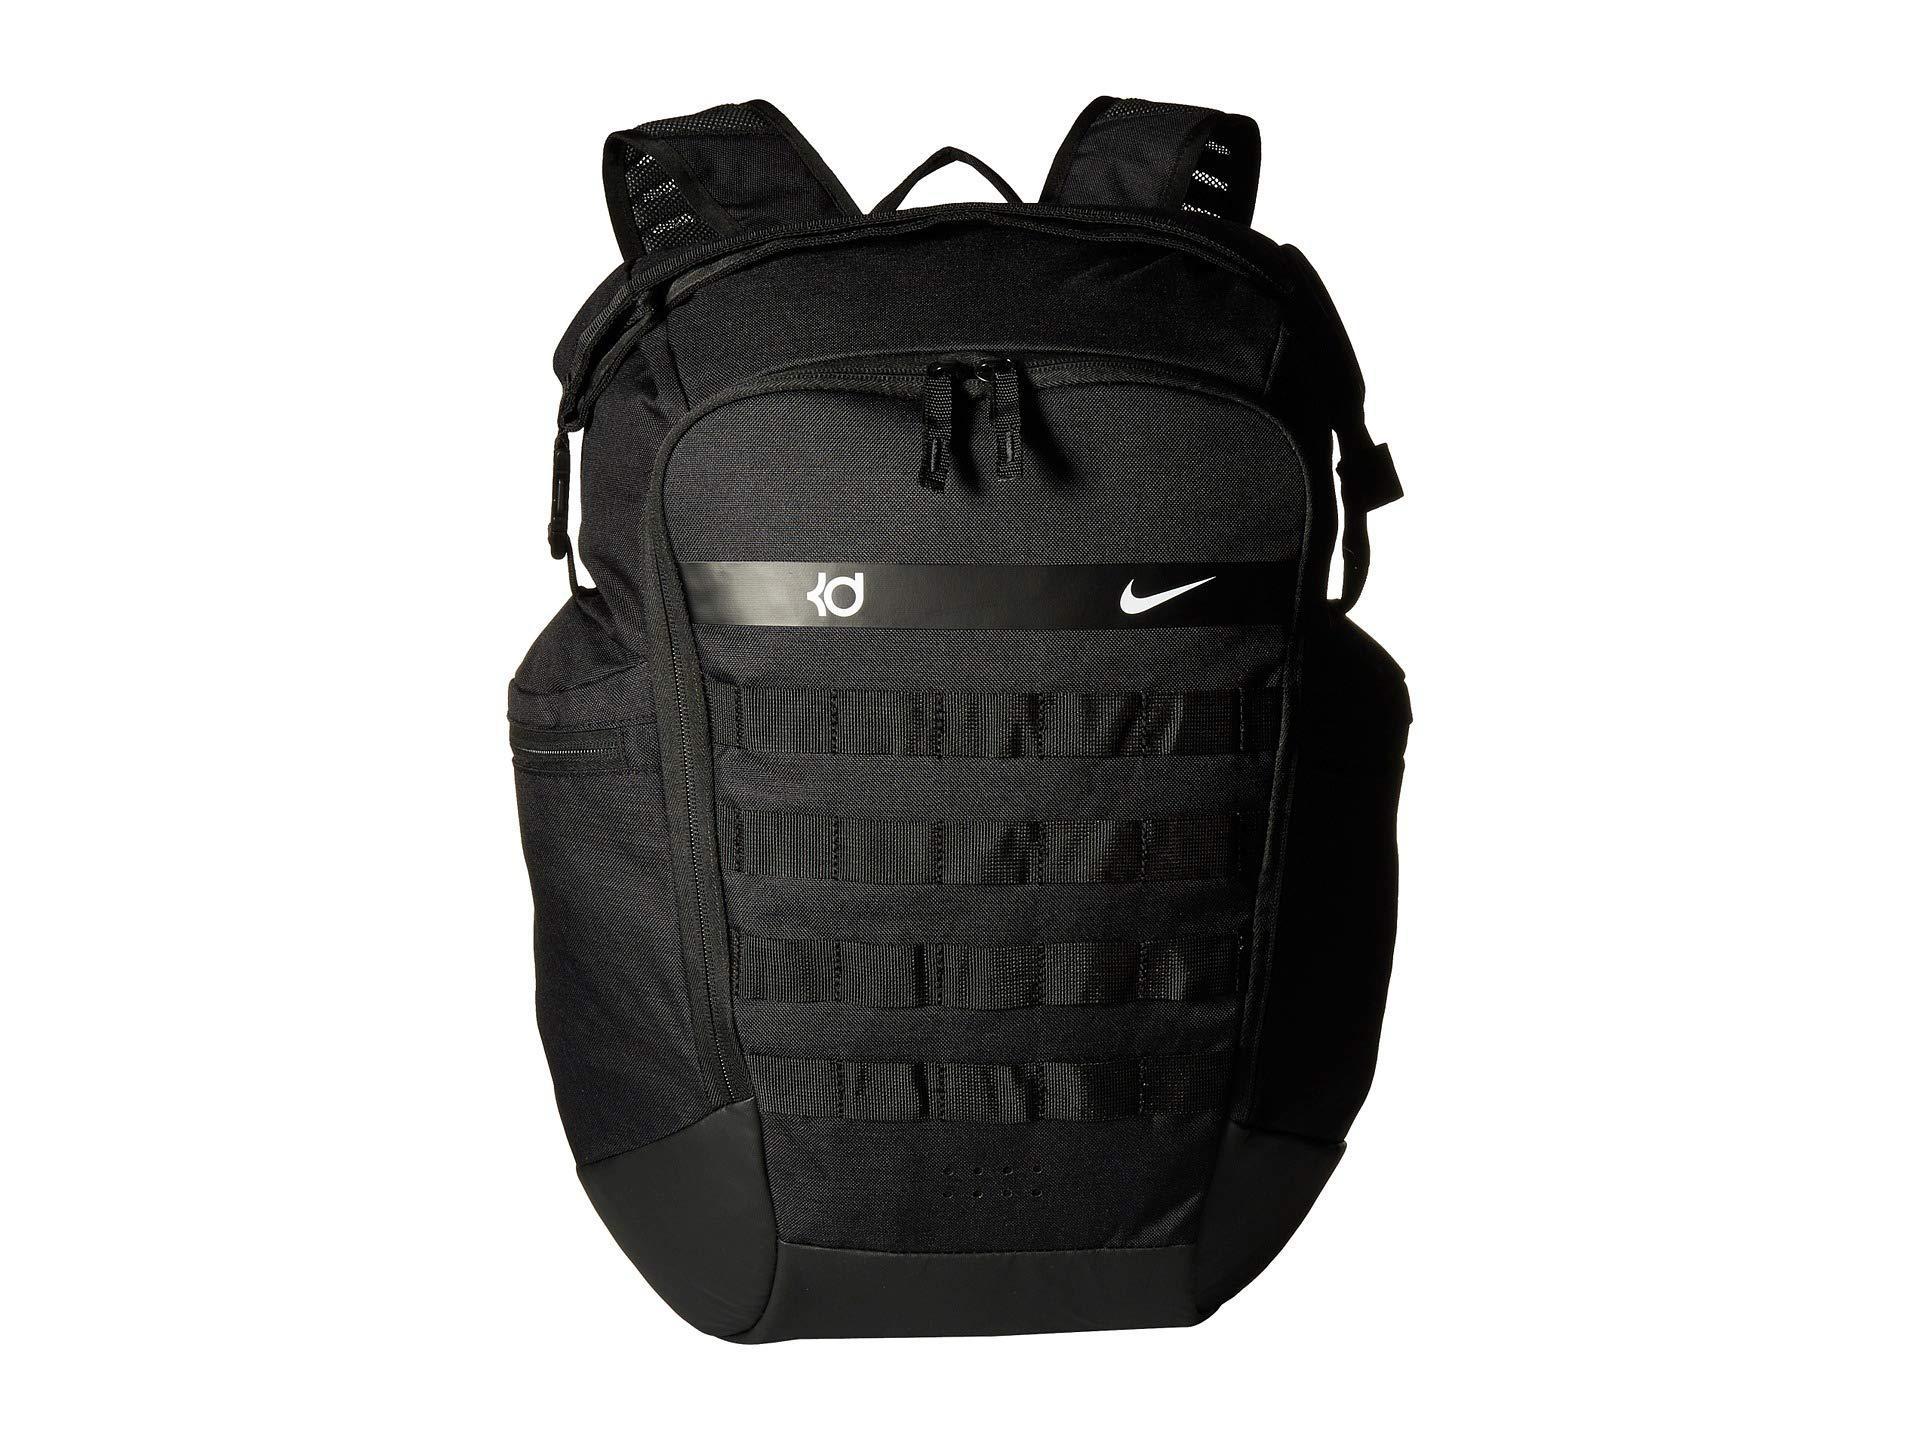 Lyst - Nike Kd Trey 5 Backpack (black black white) Backpack Bags in ... 0a8ae26fe9591